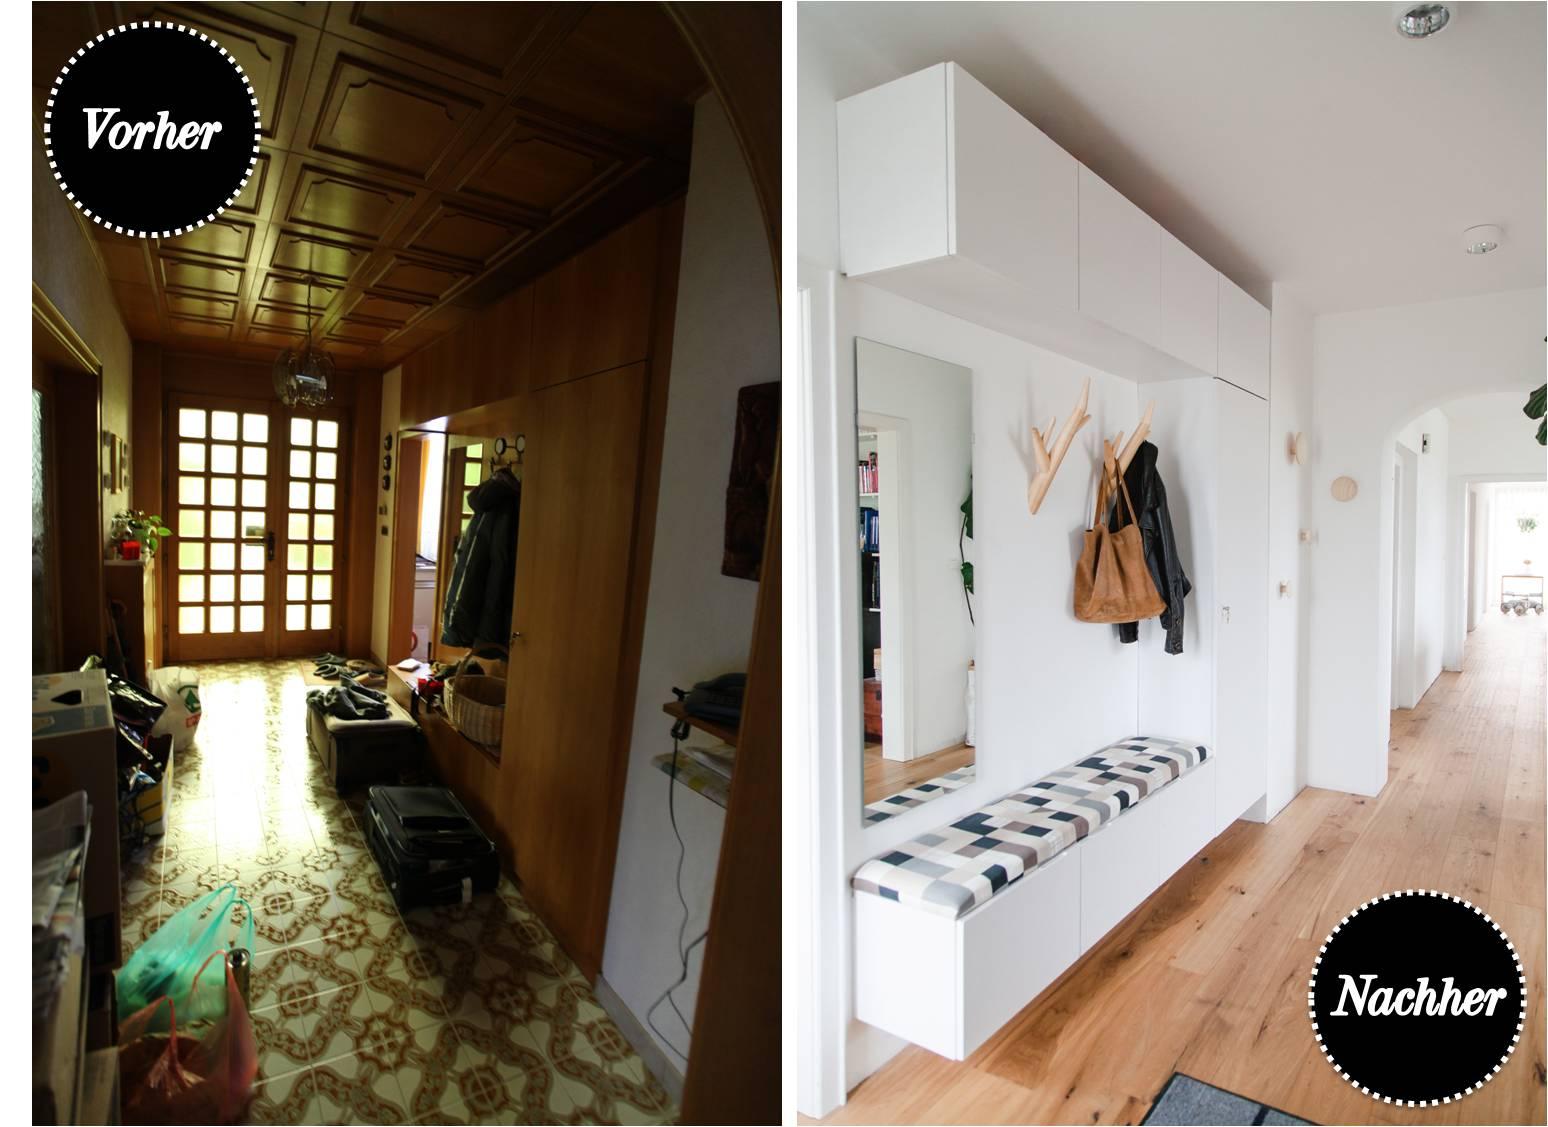 Enthralling Altes Haus Renovieren Vorher Nachher Collection Of Renovierung 70er Before After